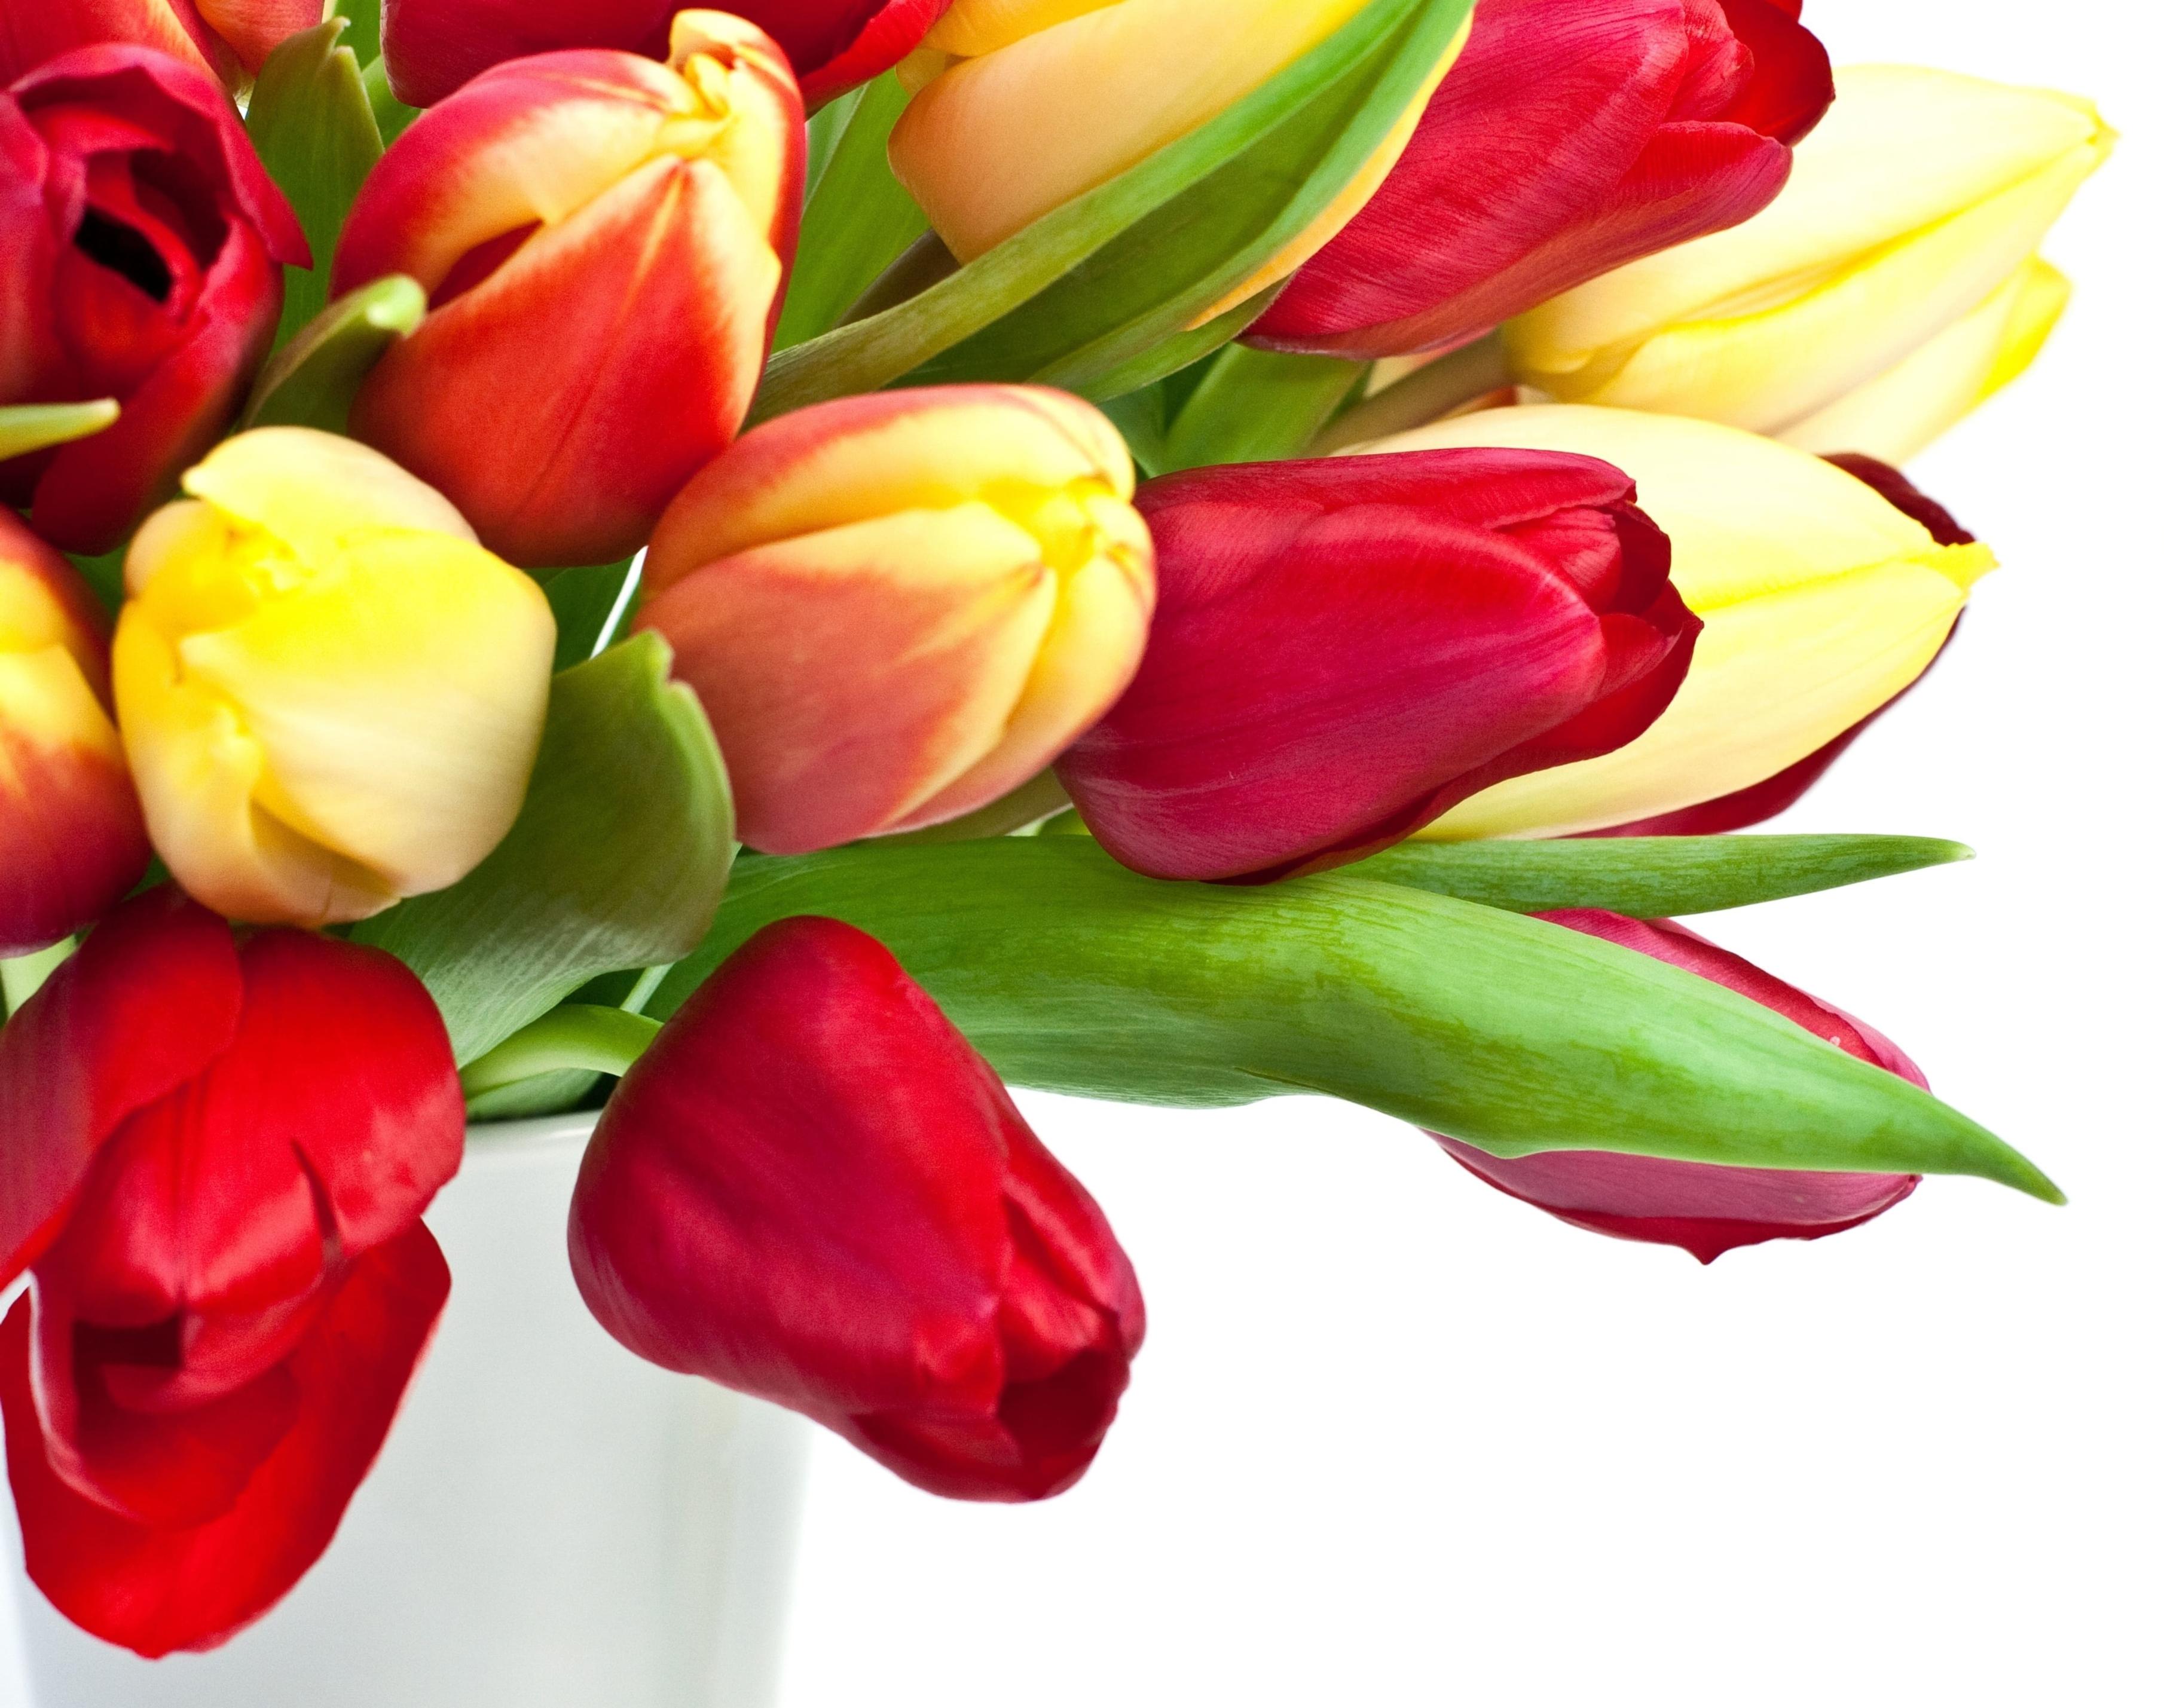 tulip-photo-22